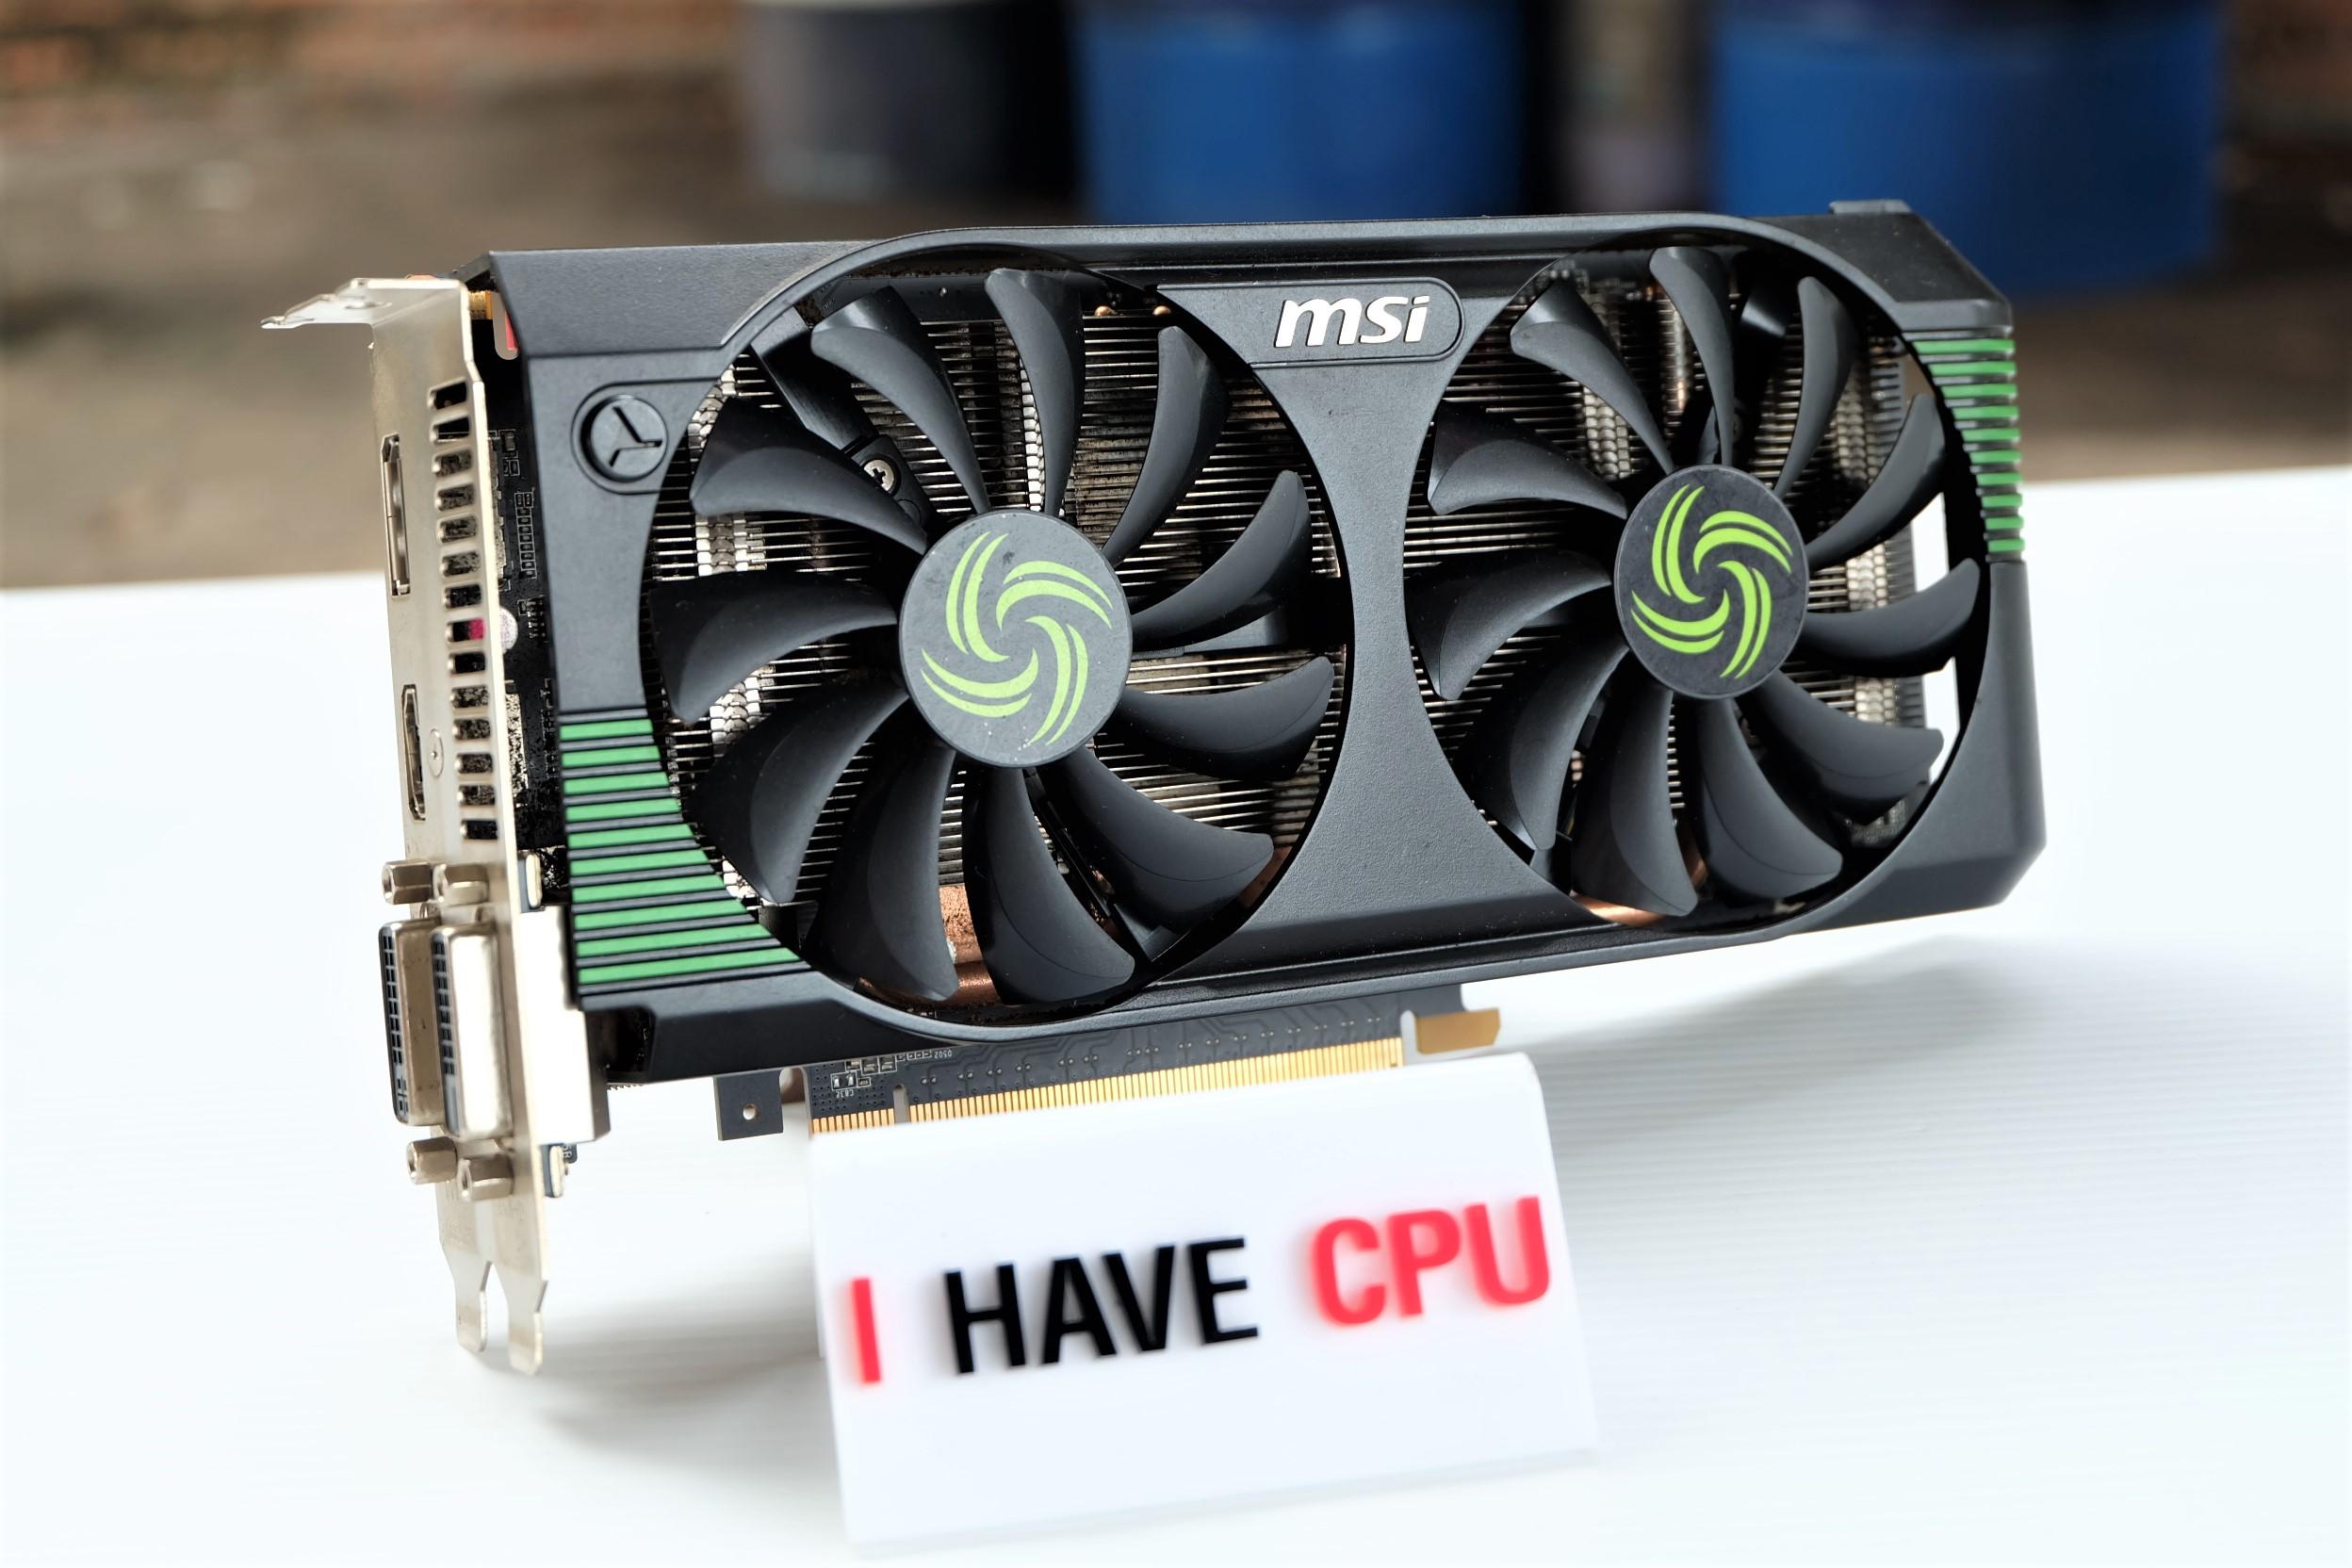 MSI GTX 960 2GB Dual Fan